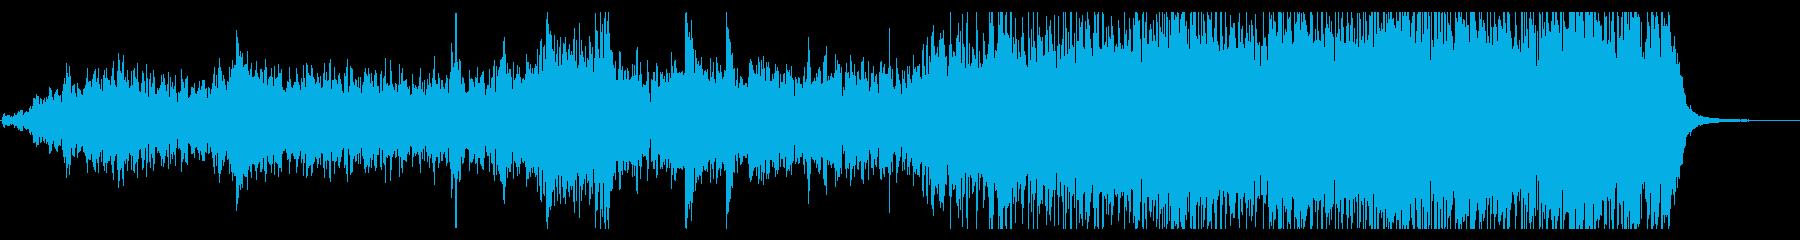 ドラや和太鼓の不穏かつ激しいリズムの音楽の再生済みの波形